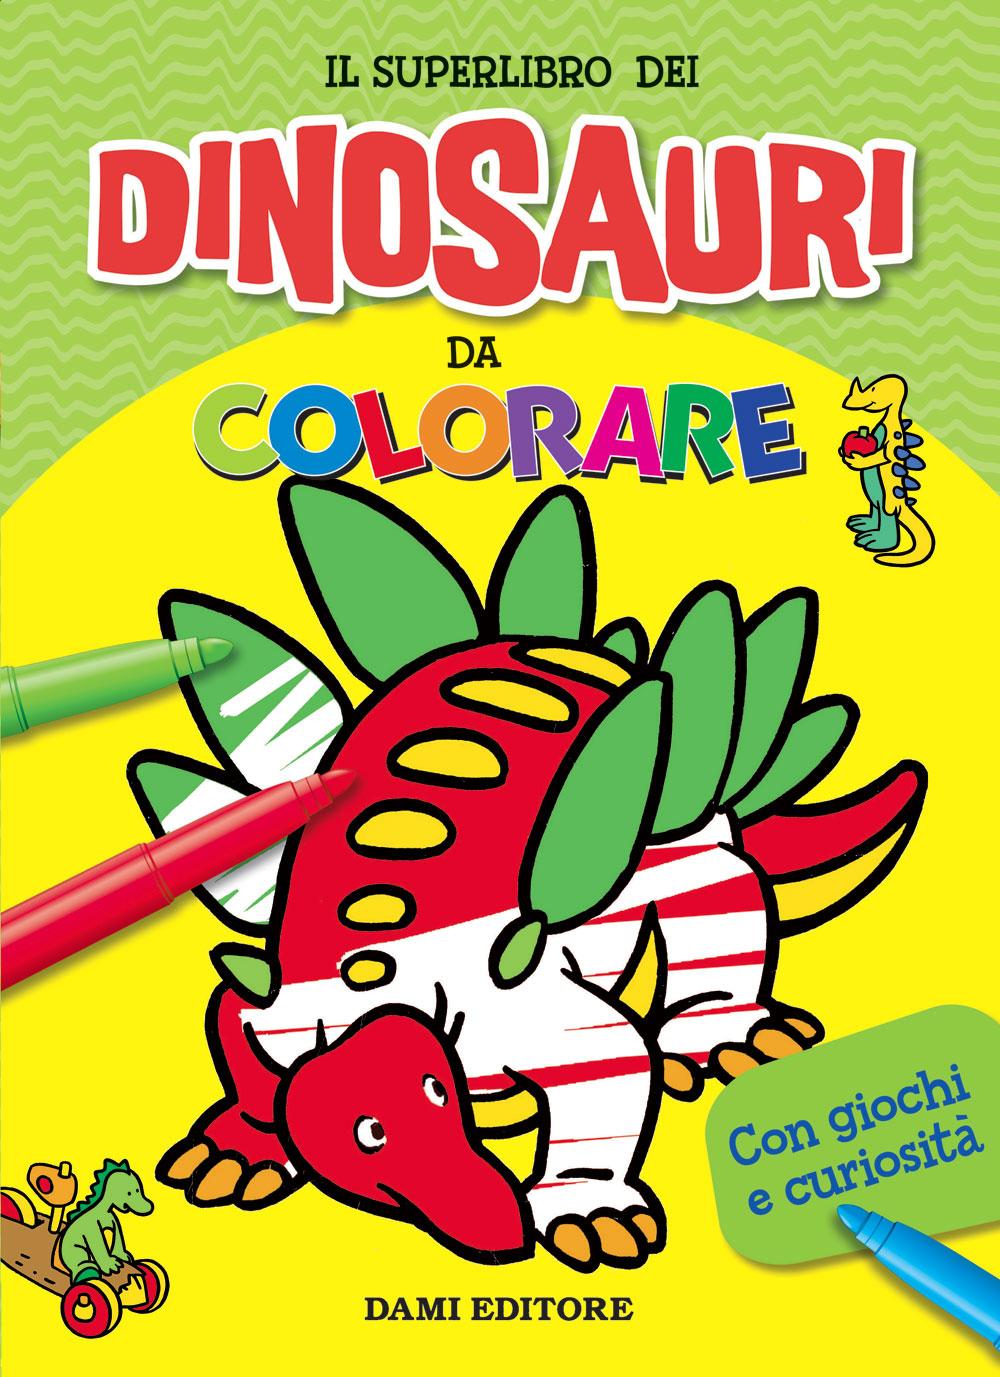 Il Superlibro dei Dinosauri da colorare